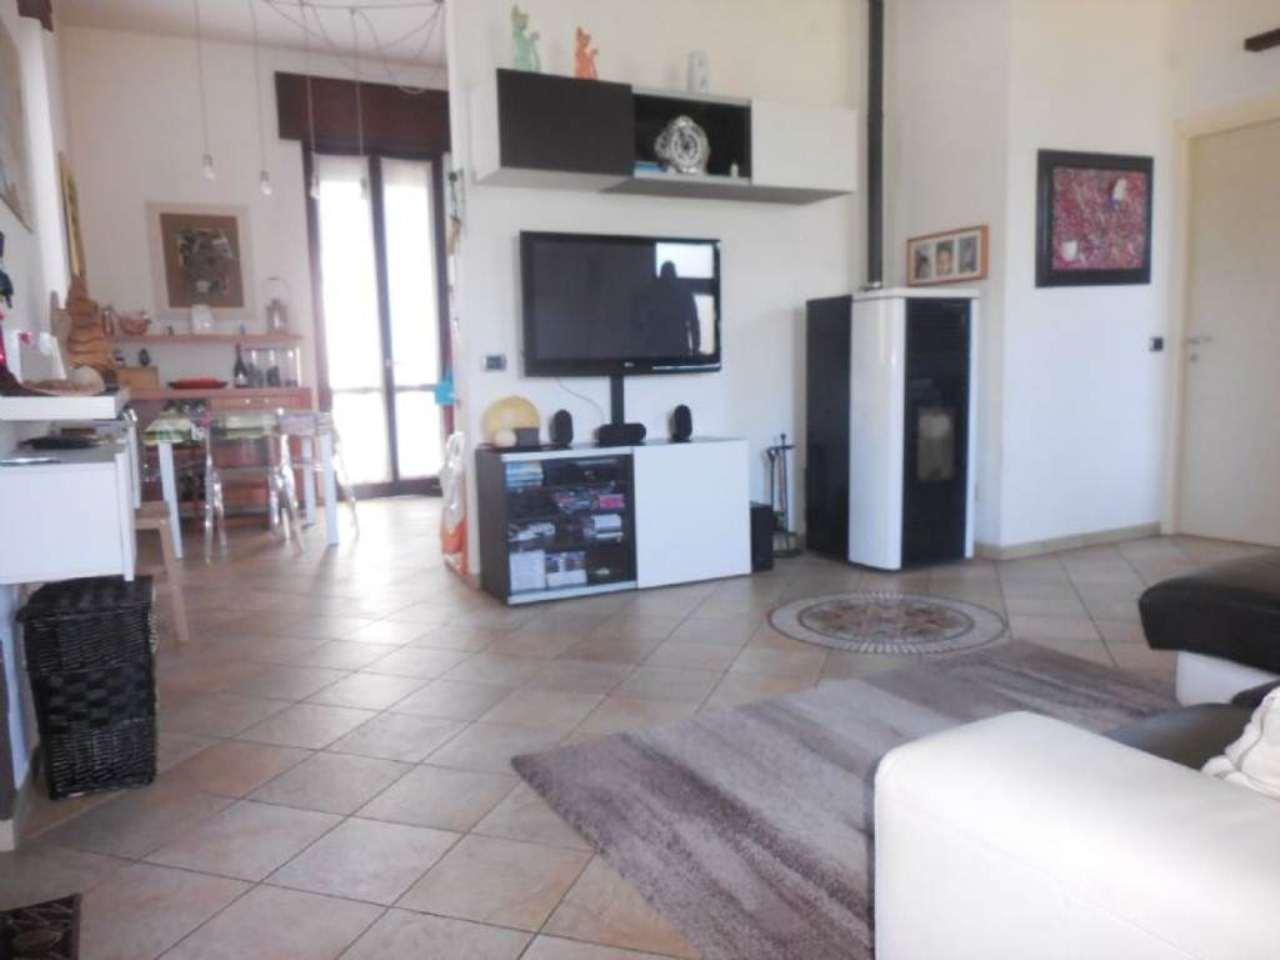 Villa in vendita a Vergiate, 3 locali, prezzo € 195.000 | Cambio Casa.it